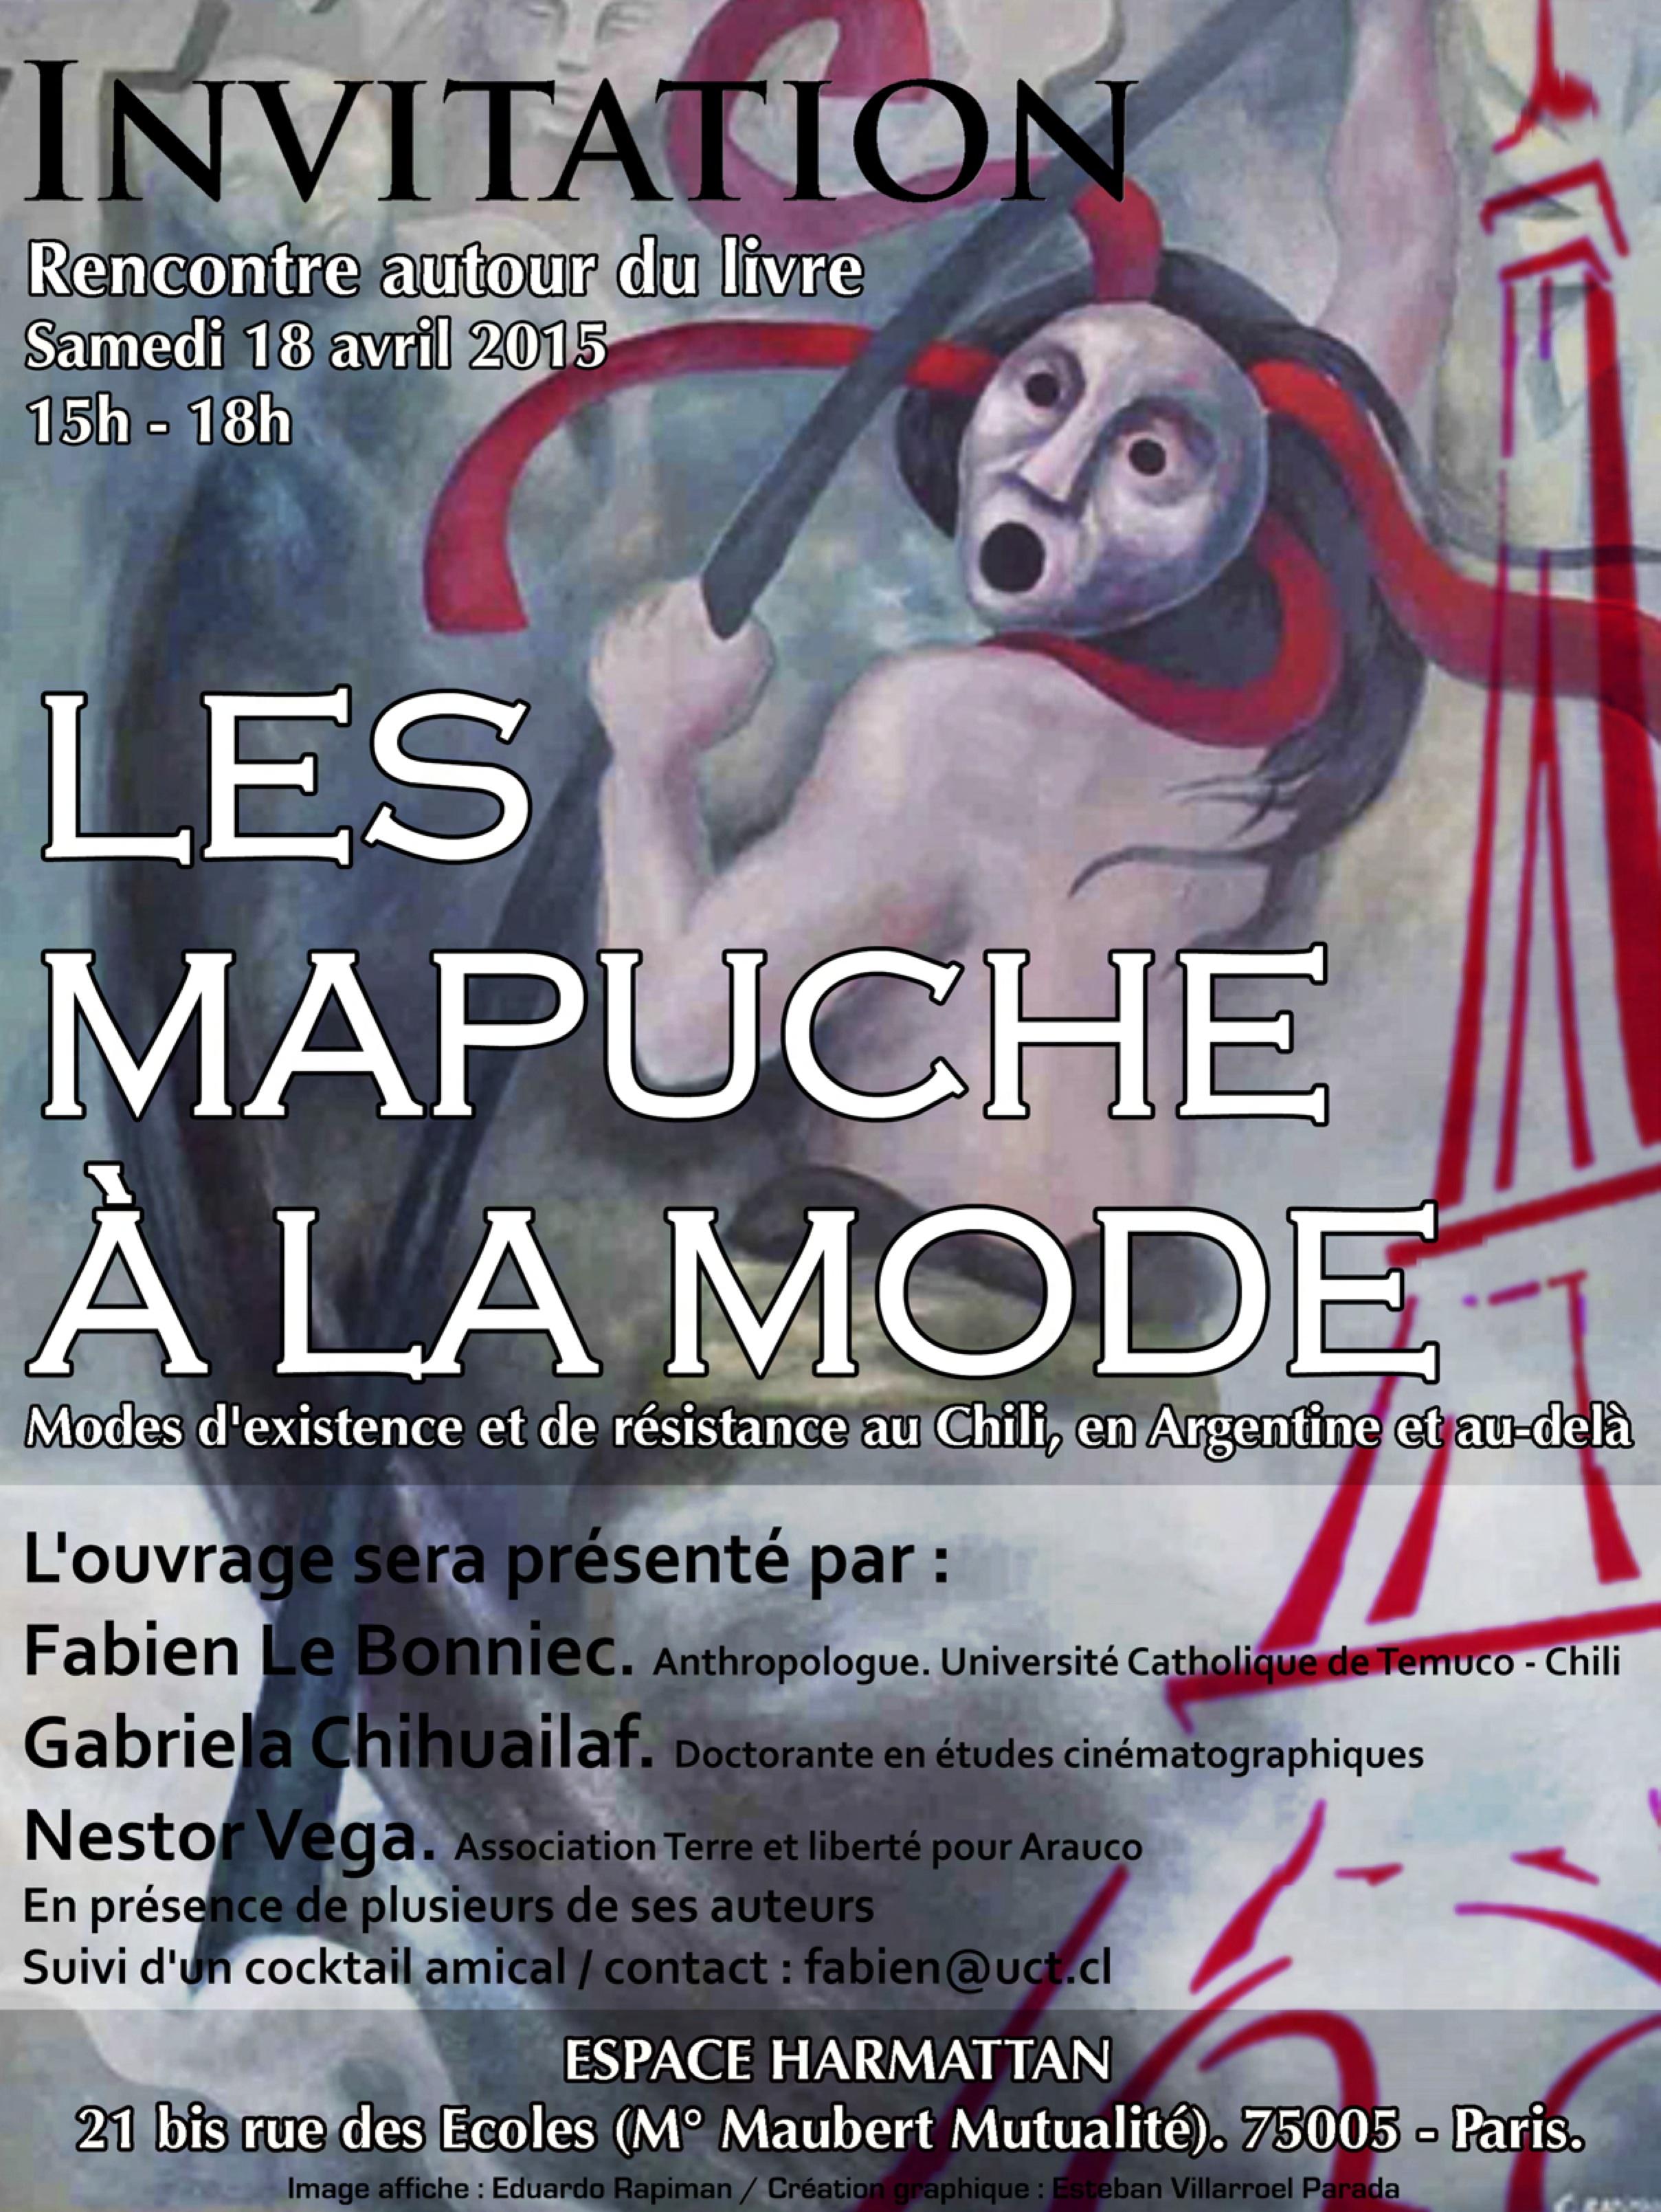 Invitation Les Mapuche a la mode - 18 avril